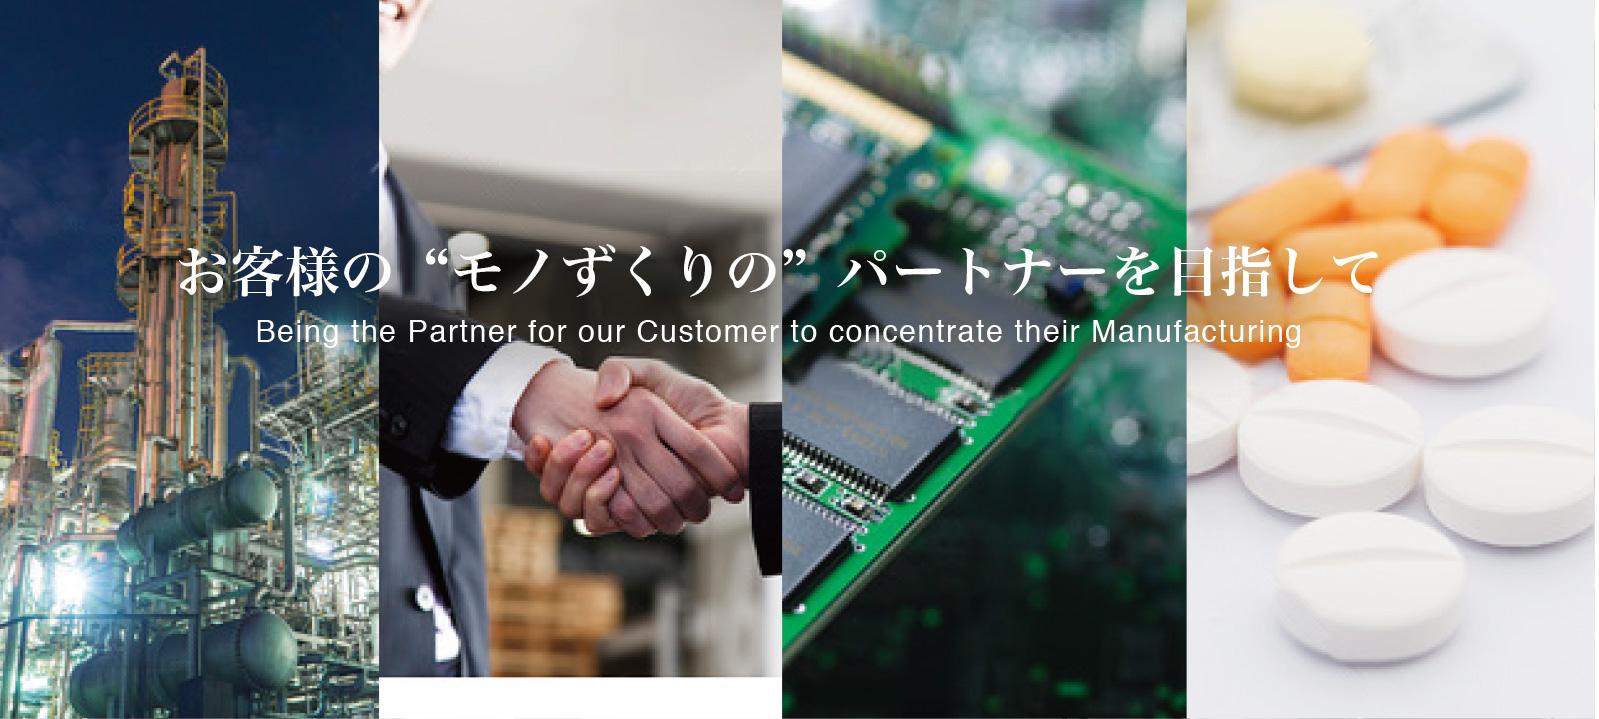 mv-partner2